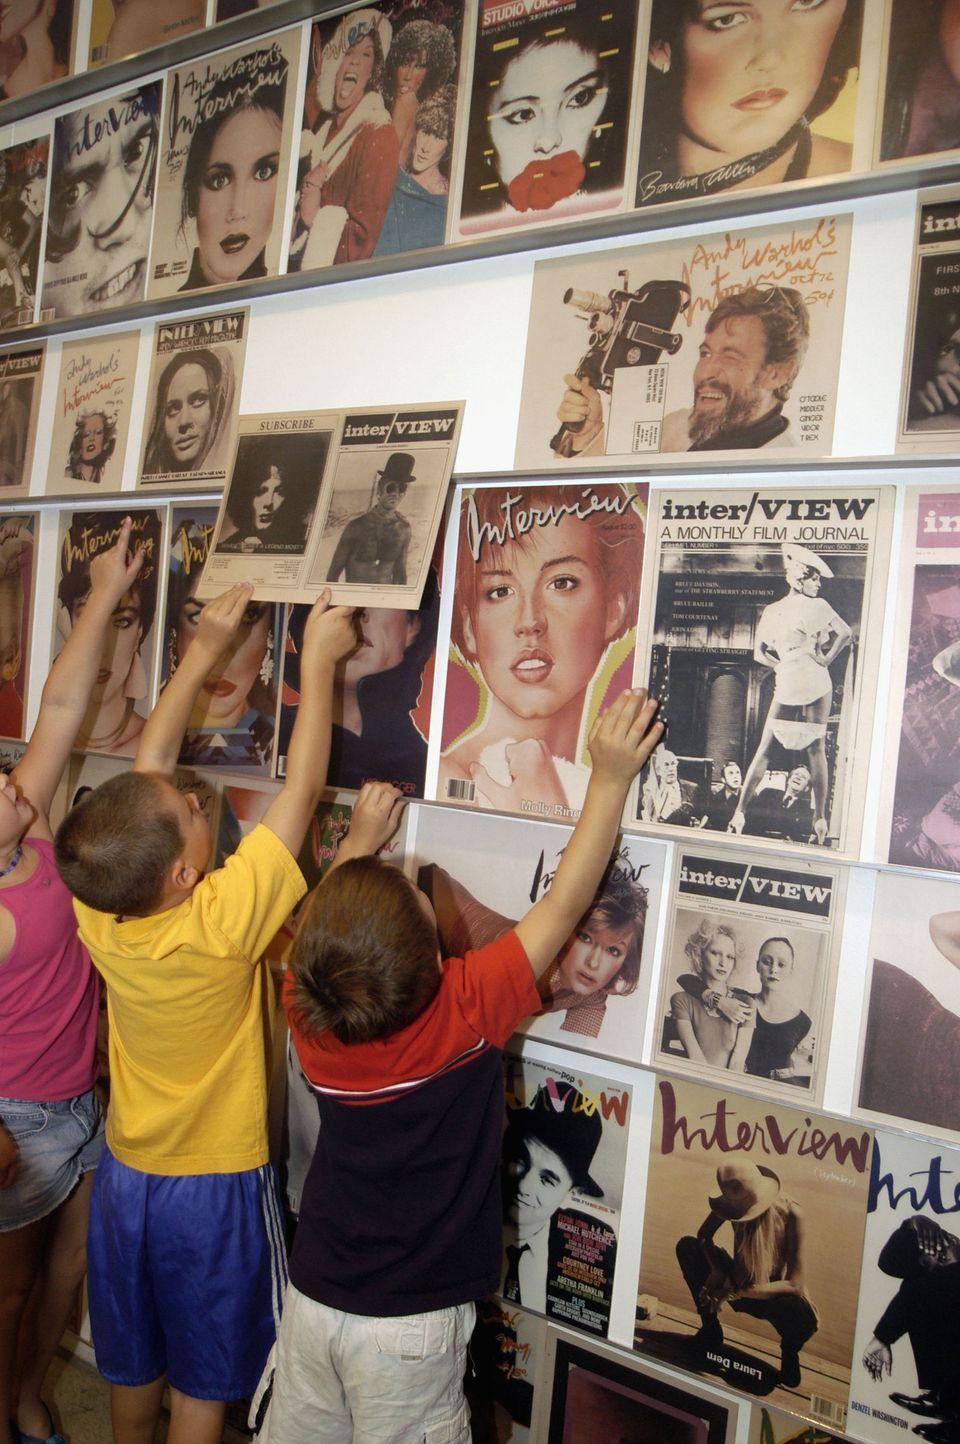 Interview, lo storico magazine fondato da Andy Warhol chiude dopo 50